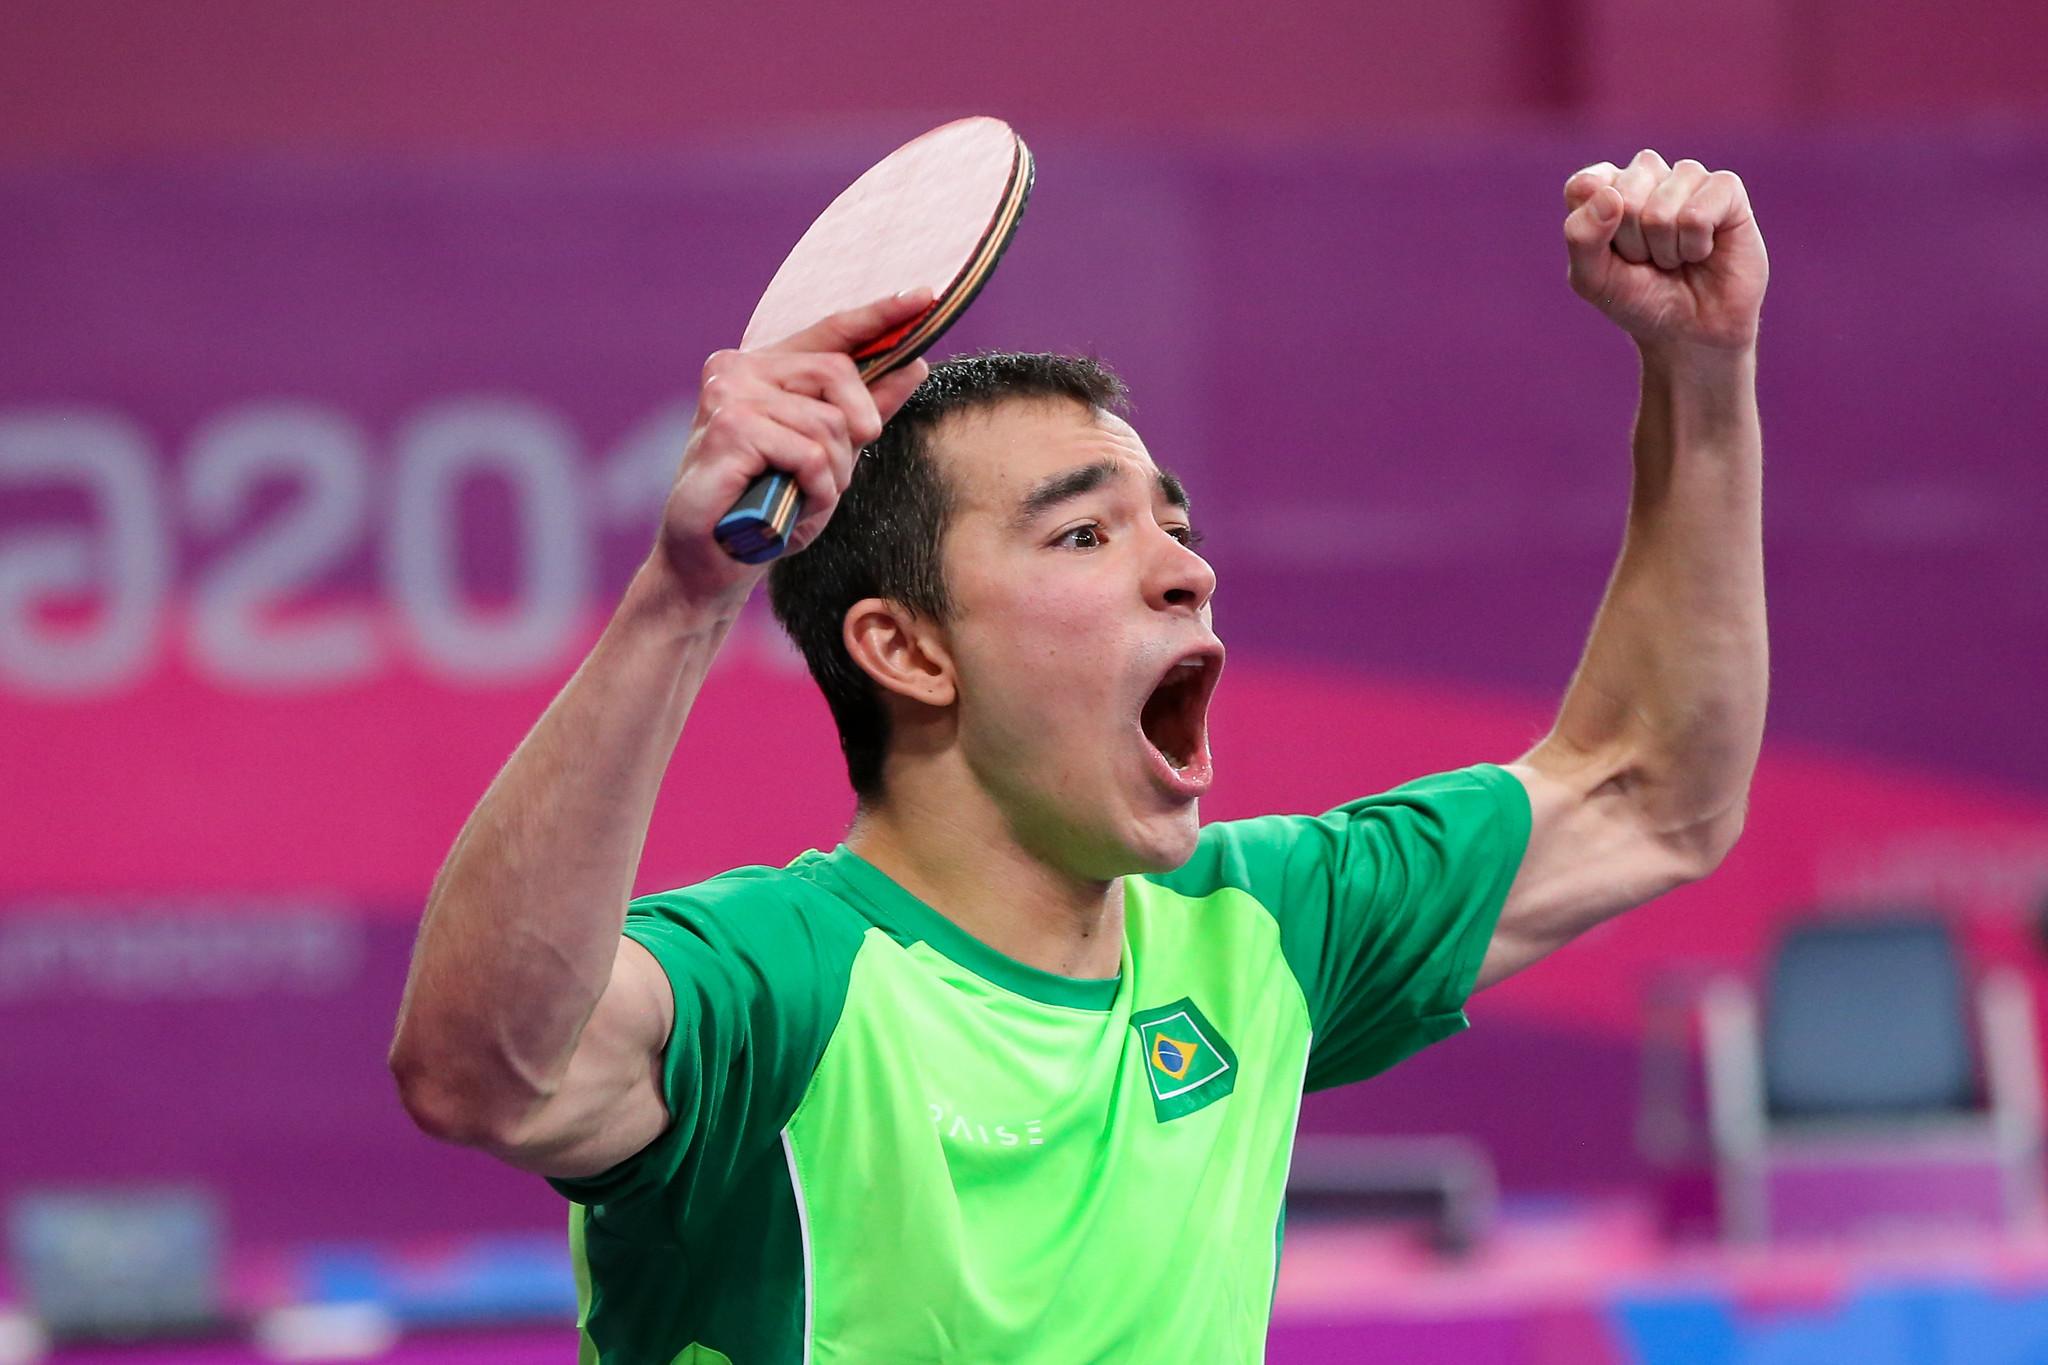 Tênis de mesa: seleção masculina derrota Argentina e também garante vaga em Tóquio 2020